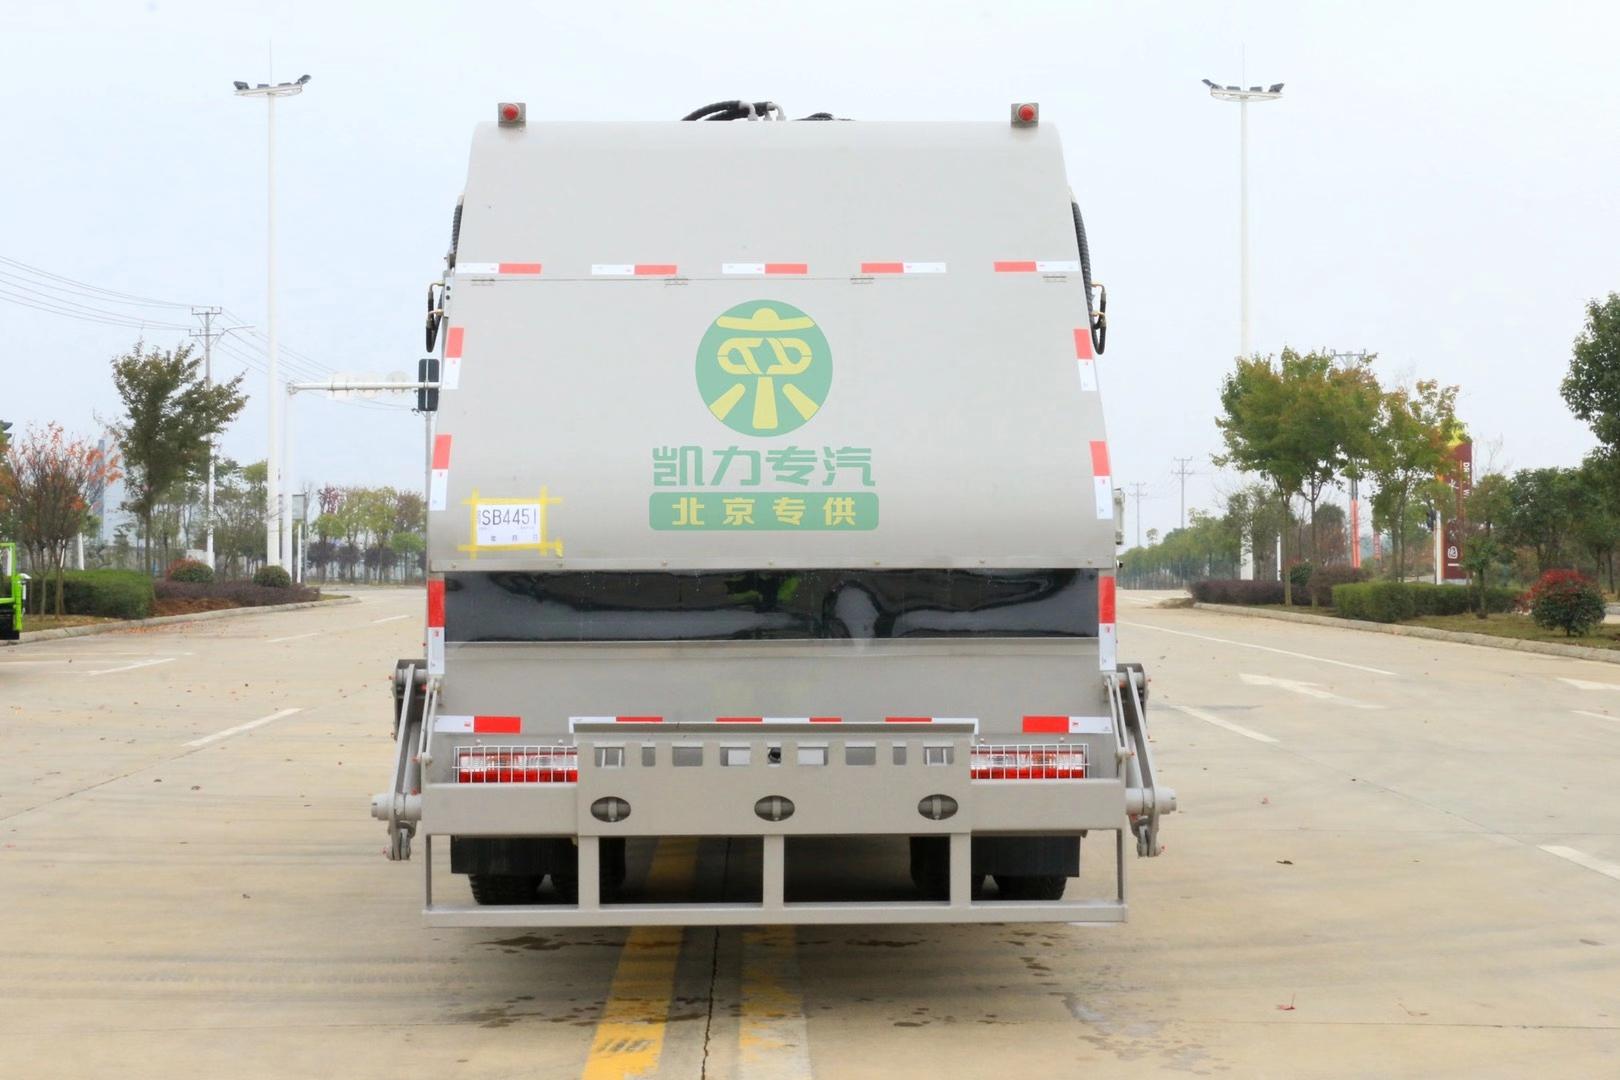 東風D9大多利卡 北京專供圖片